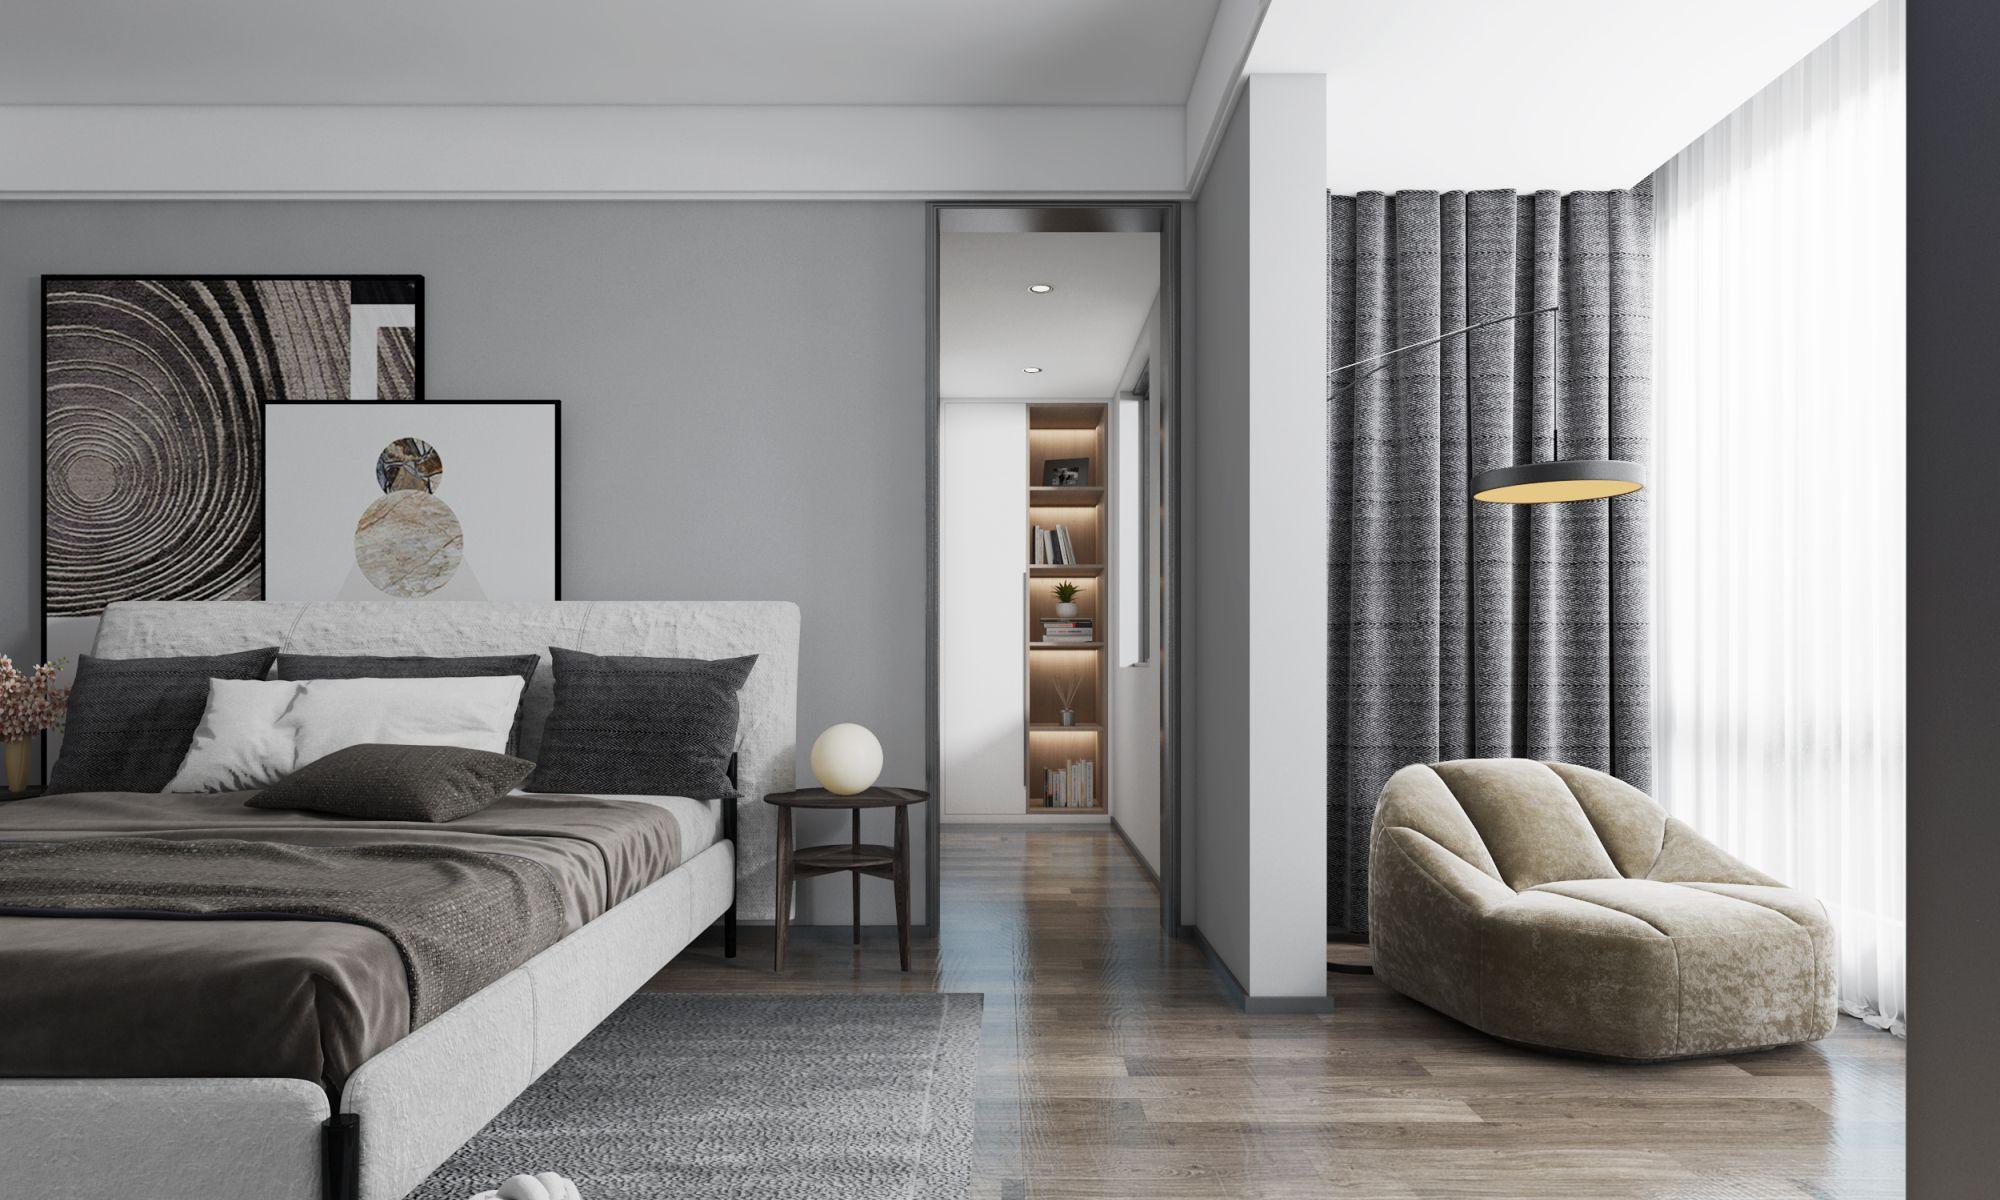 192平米现代风格家装效果图分享,打造现代时尚的家居人文空间